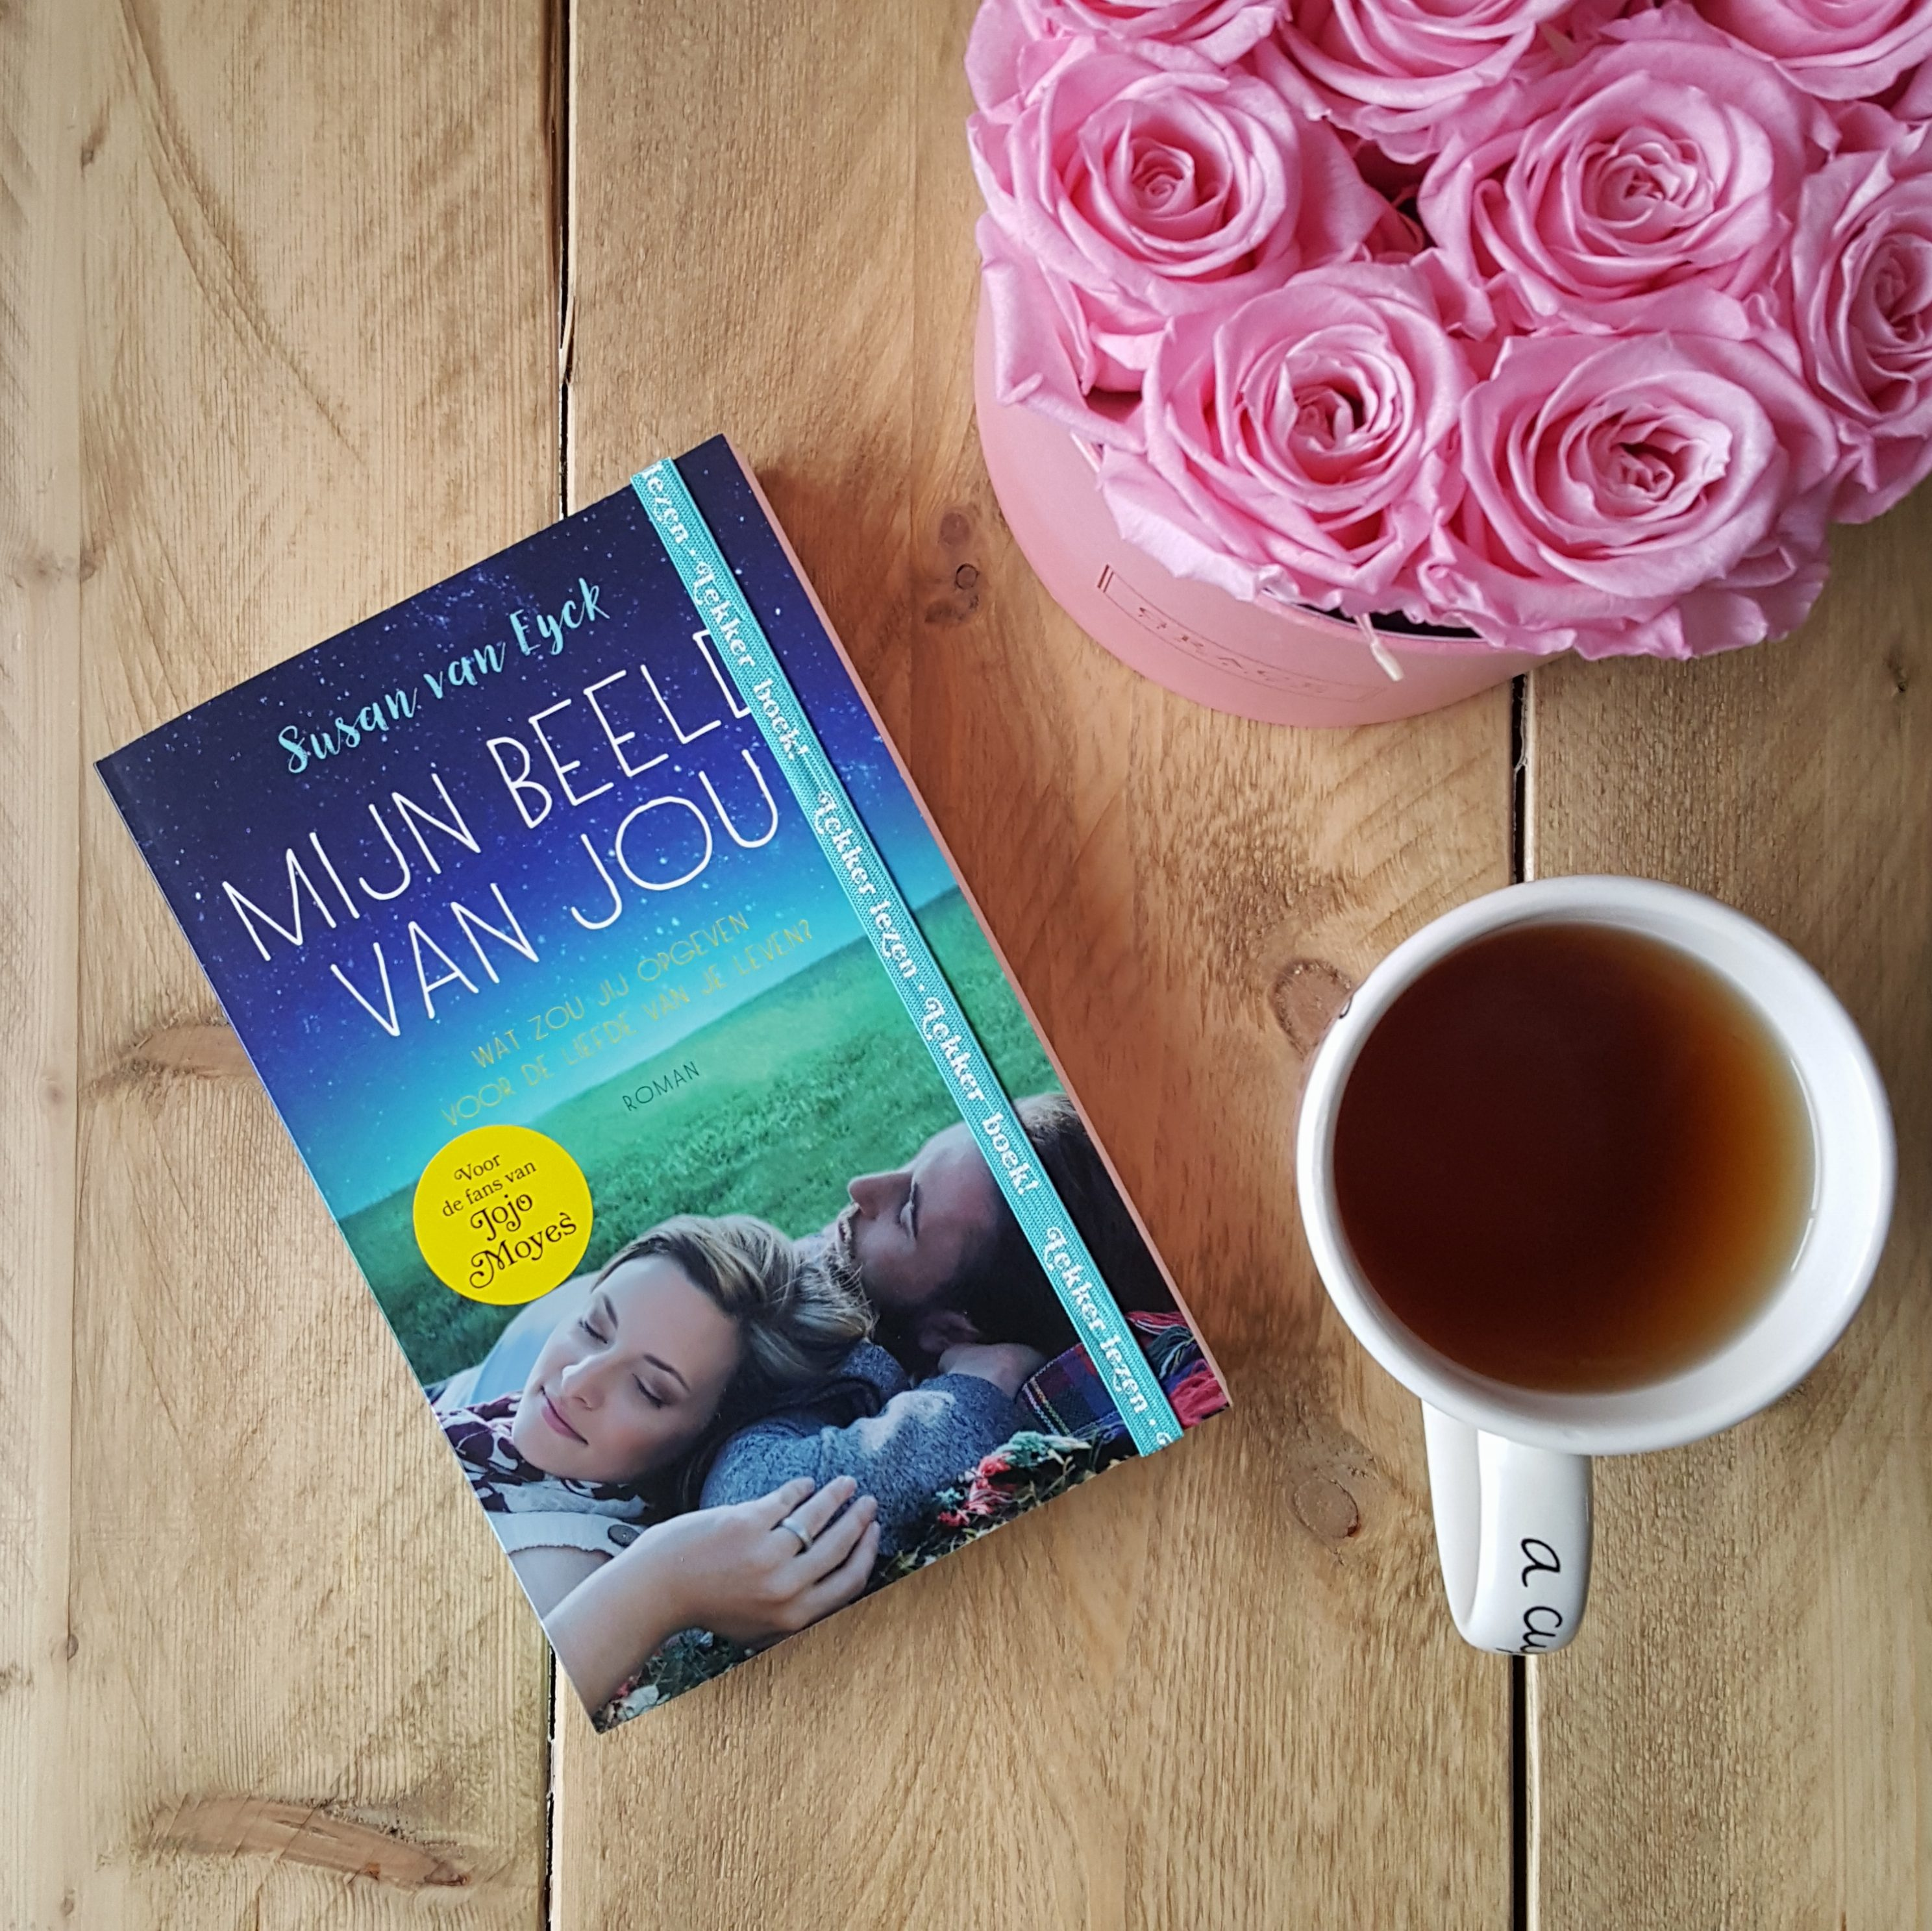 Must read – Mijn beeld van jou door Susan van Eyck